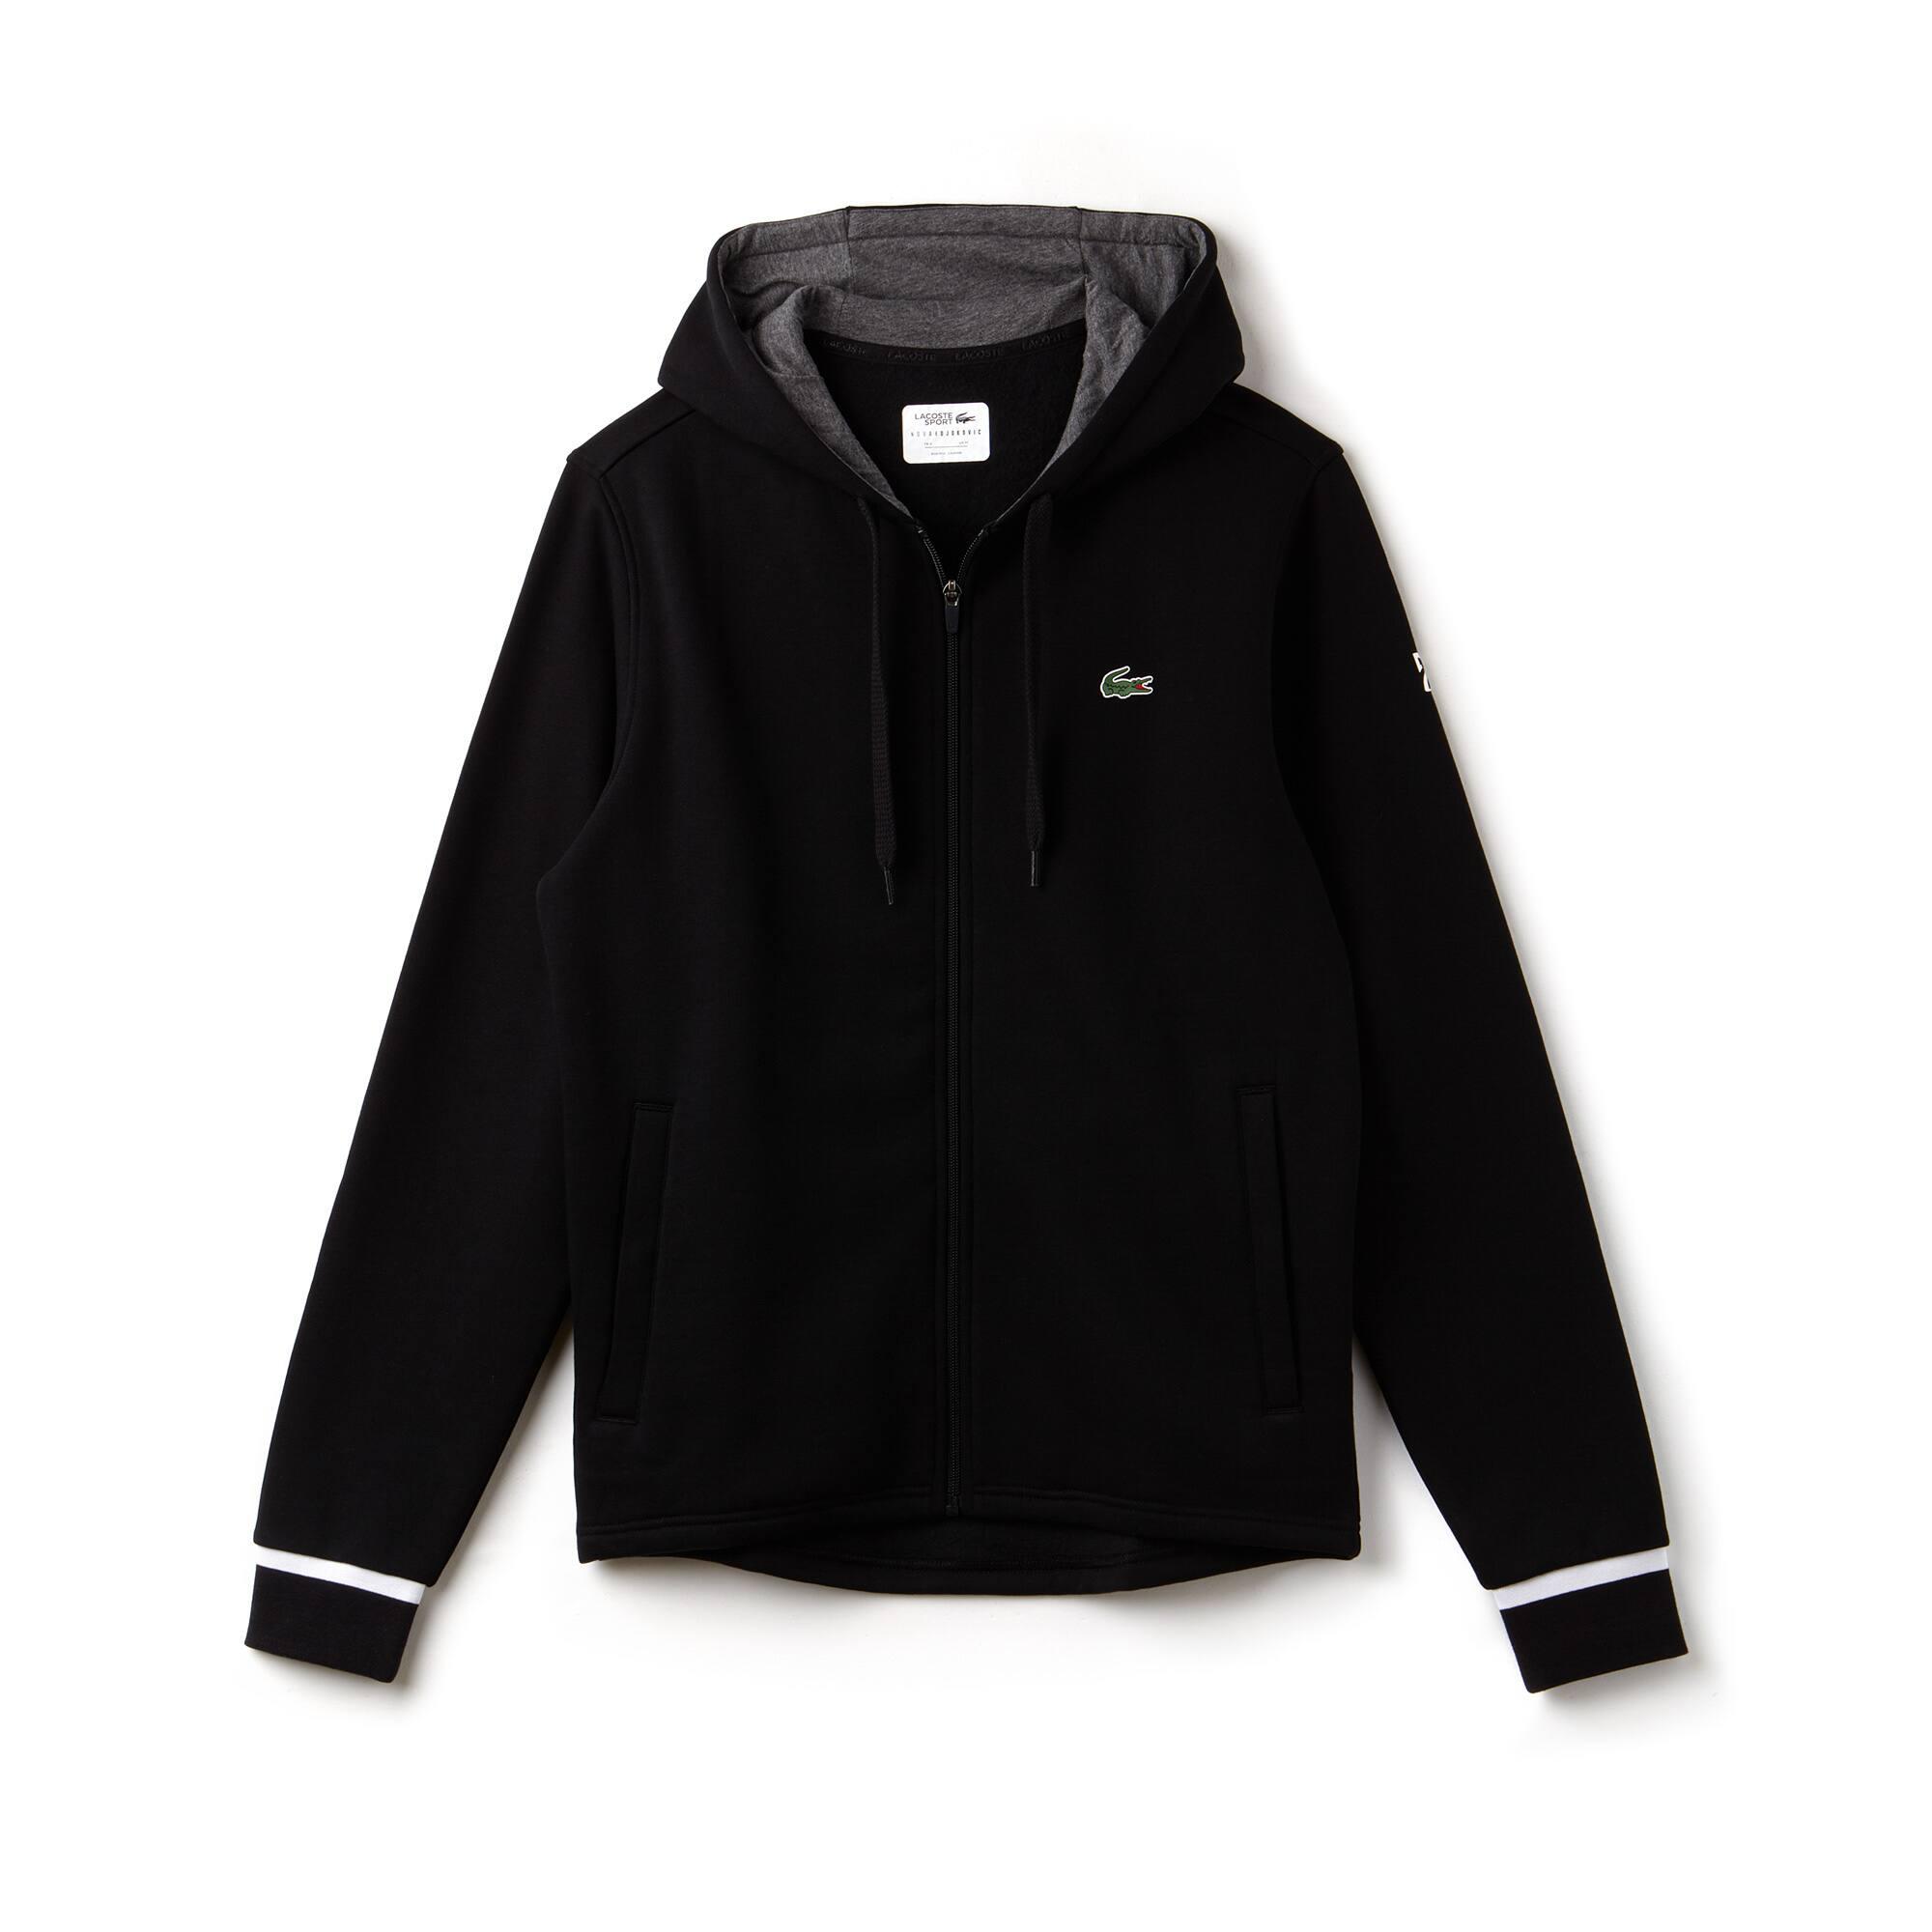 Men's Lacoste SPORT NOVAK DJOKOVIC SUPPORT WITH STYLE COLLECTION Hooded Fleece Zip Sweatshirt